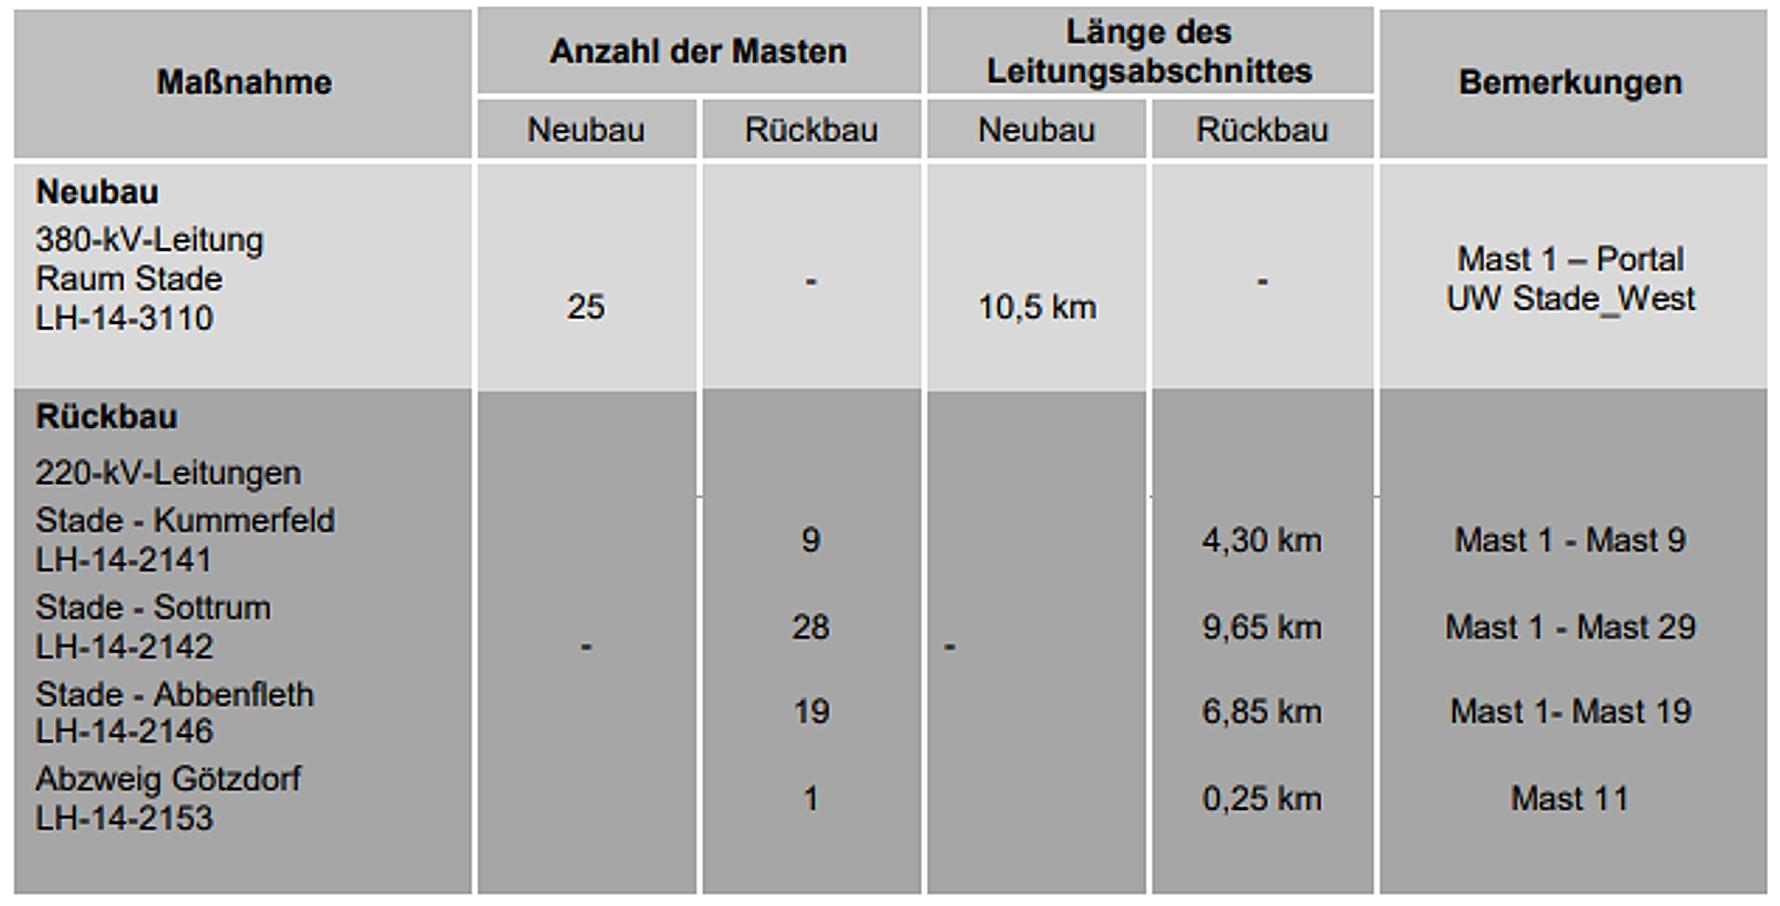 Anzahl Masten und Länge des Leitungsabschnittes